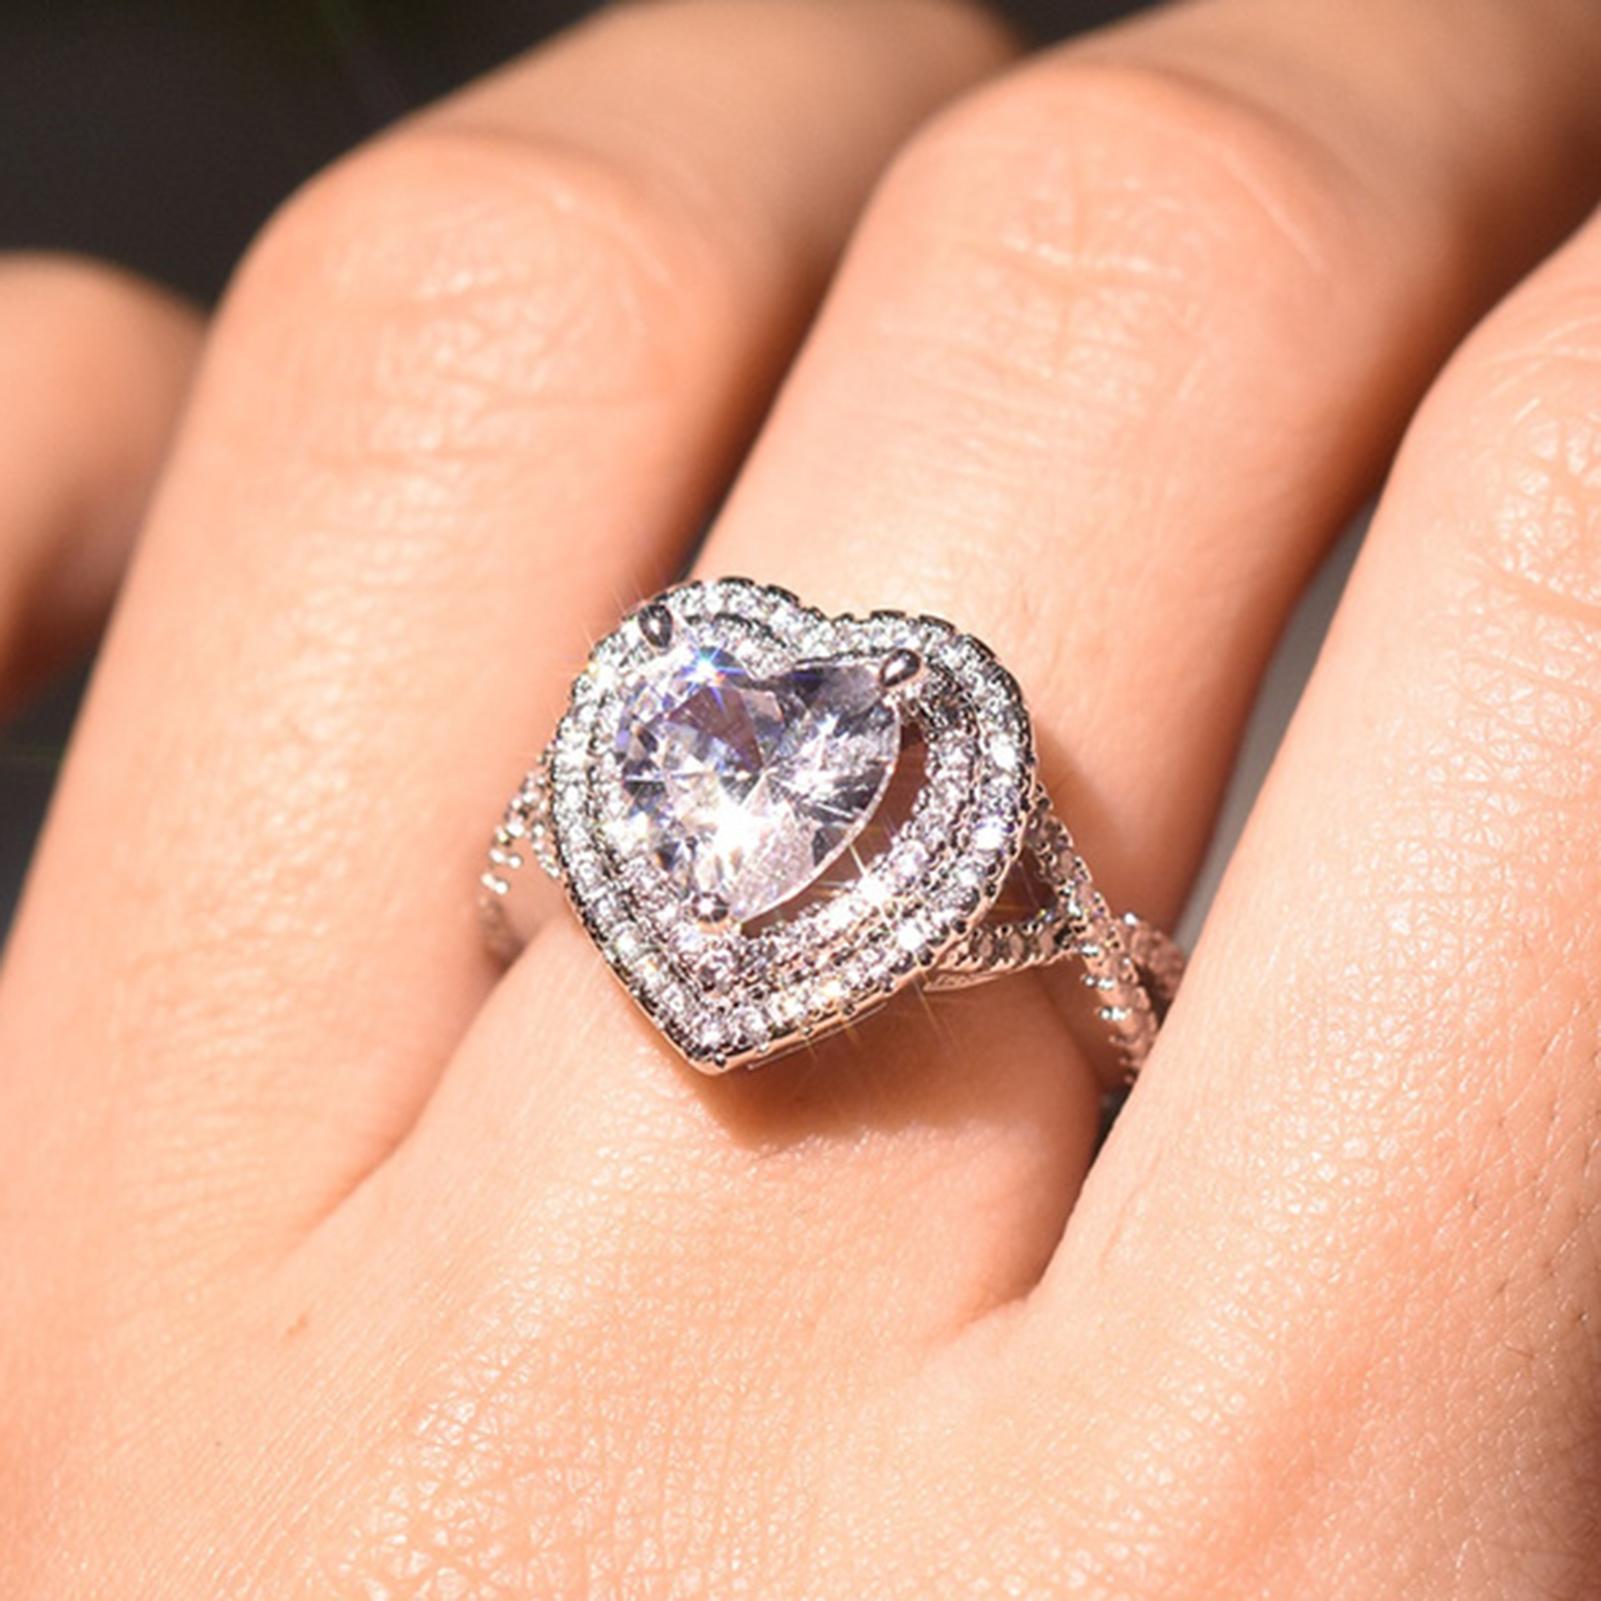 HEIßE VERKÄUFE!!! Neue Ankunft Frauen Herz Geformt Strass Ring Mode Legierung Reif Shiny Schmuck Geschenk